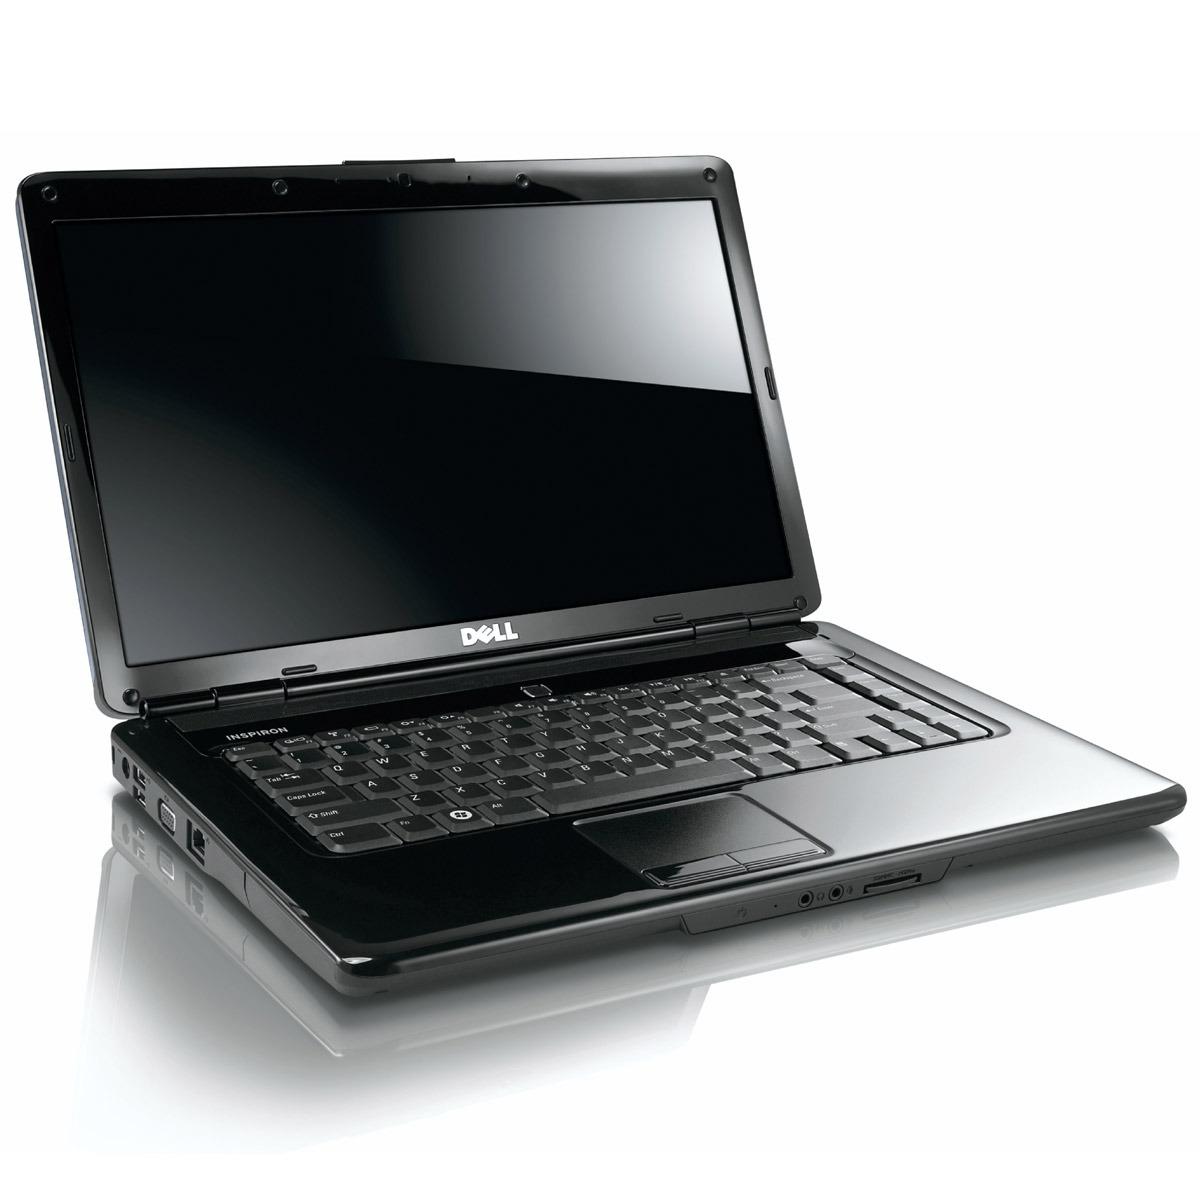 """PC portable Dell Inspiron 1545 Noir Dell Inspiron 1545 Noir - Intel Pentium Dual-CoreT4500 3 Go 250 Go 15.6"""" LCD Graveur DVD Wi-Fi G Webcam Windows 7 Premium 64 bits"""